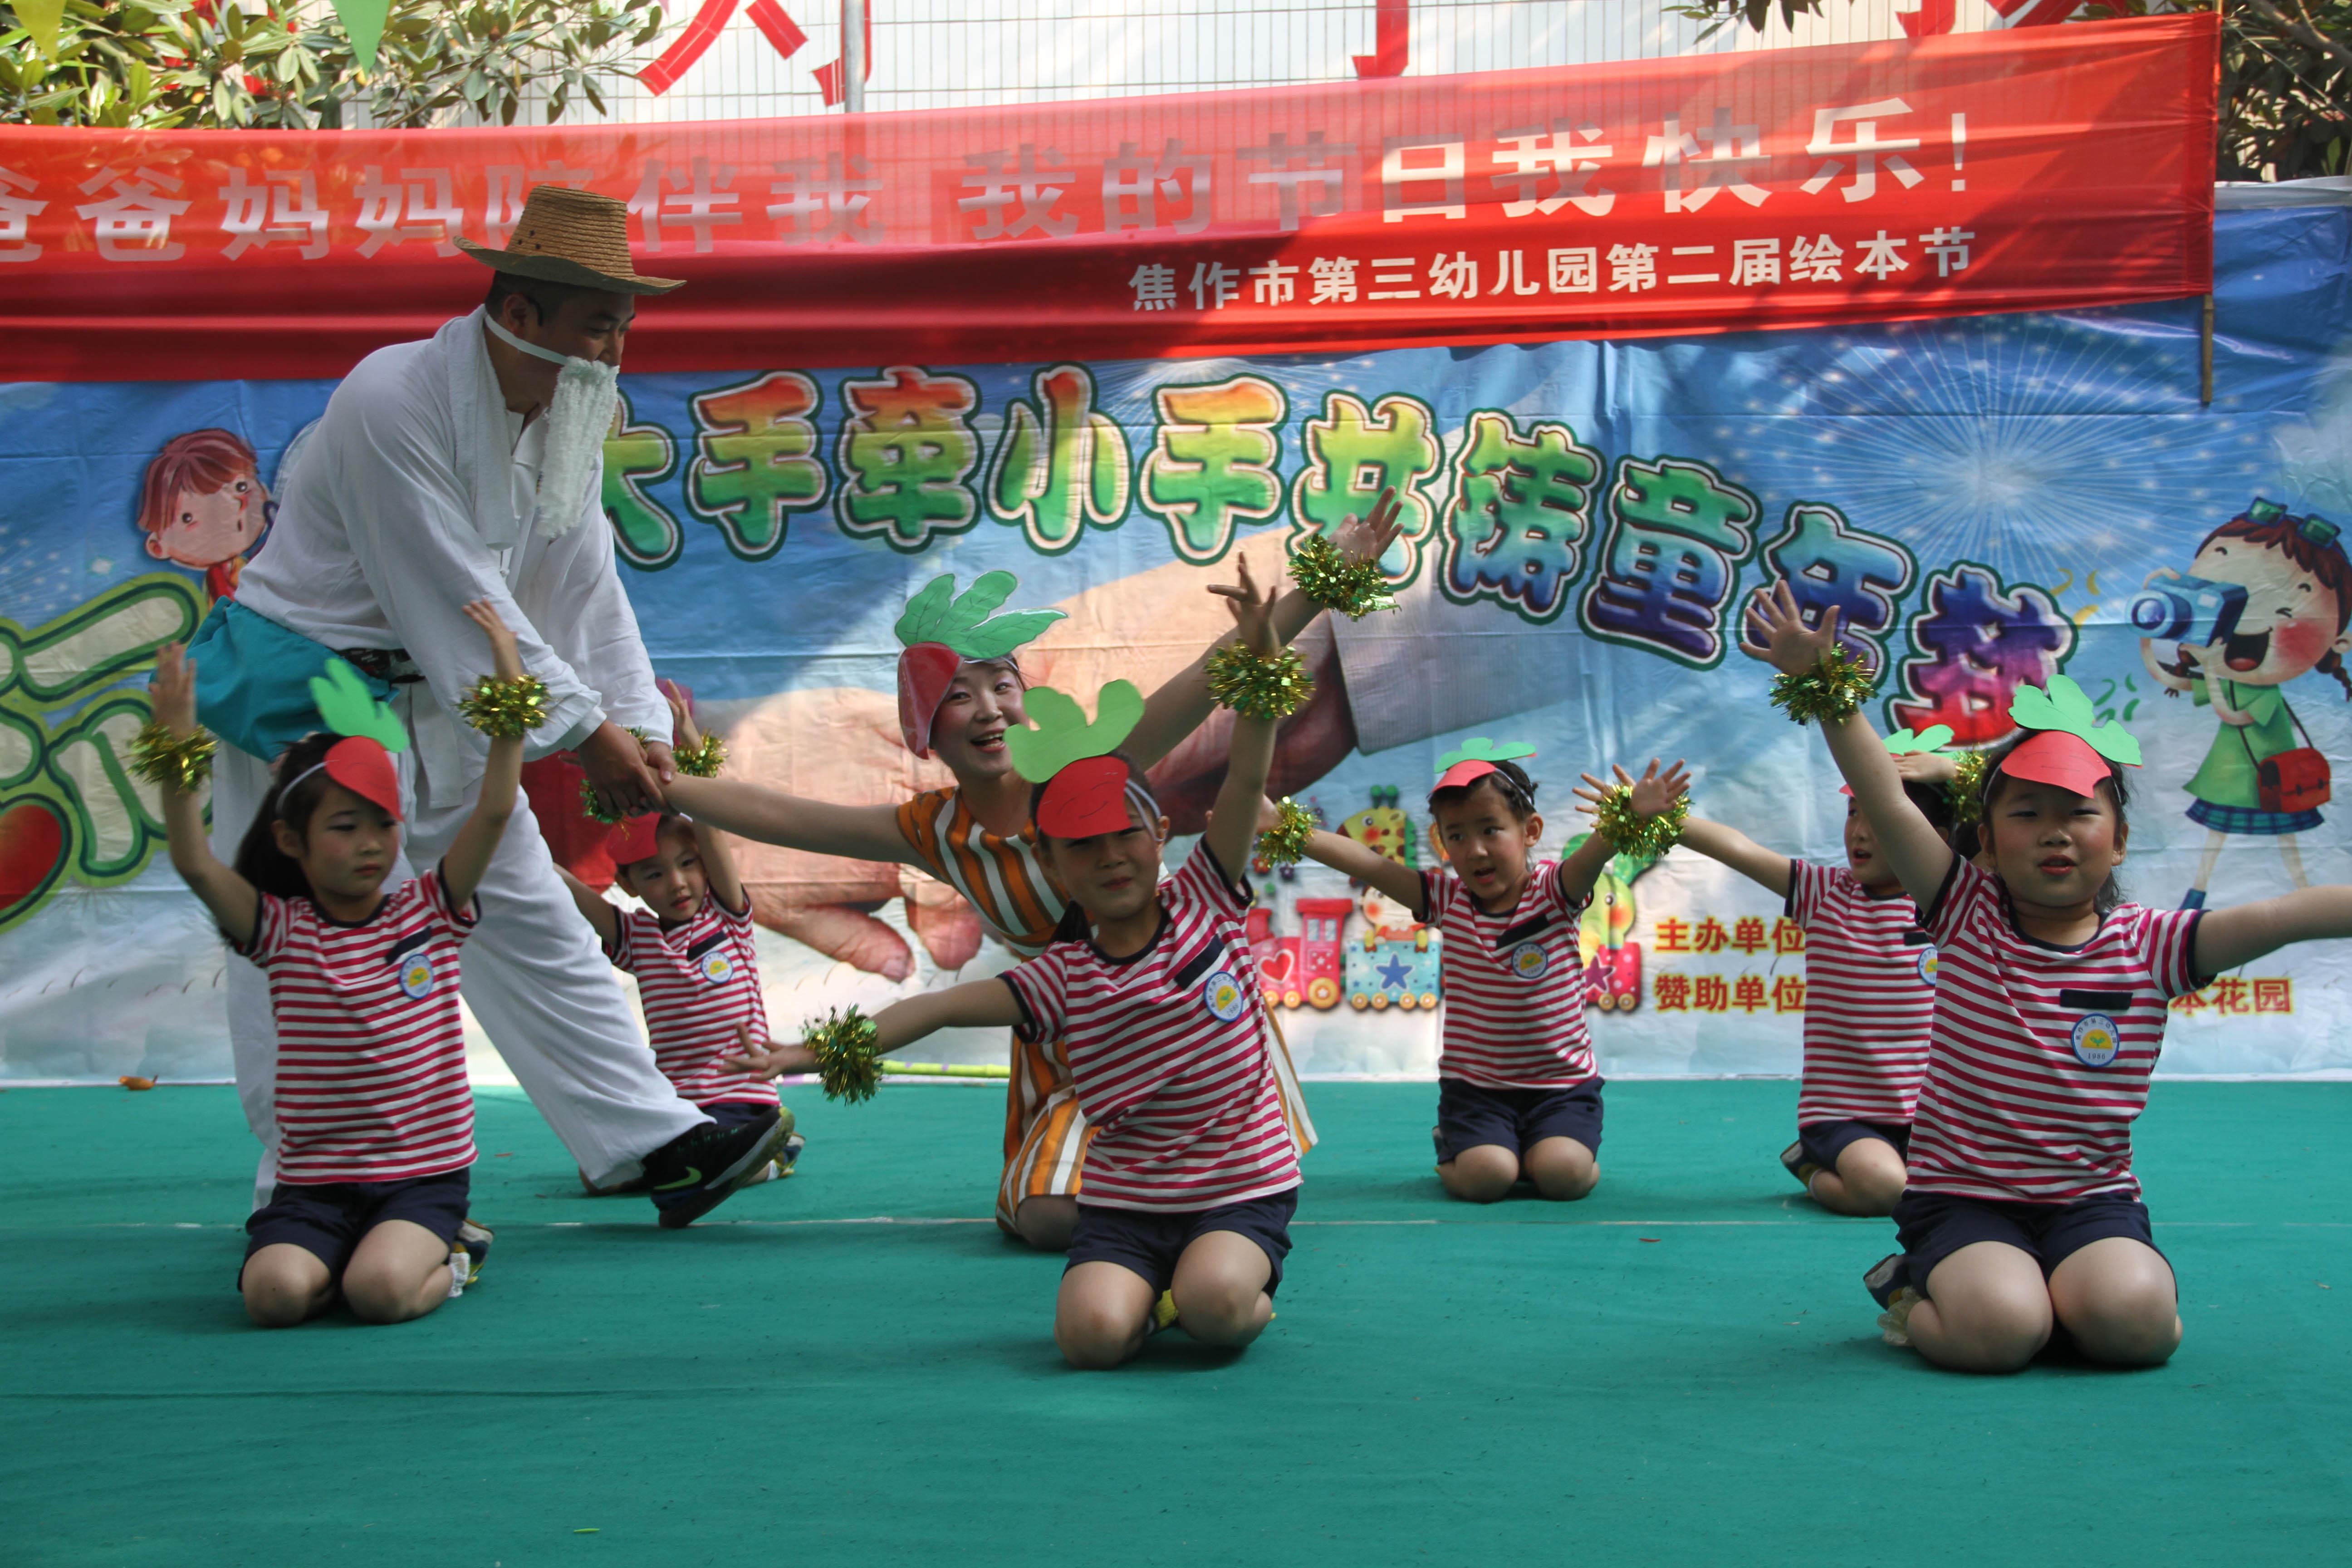 第三幼儿园:绘本故事表演真精彩!